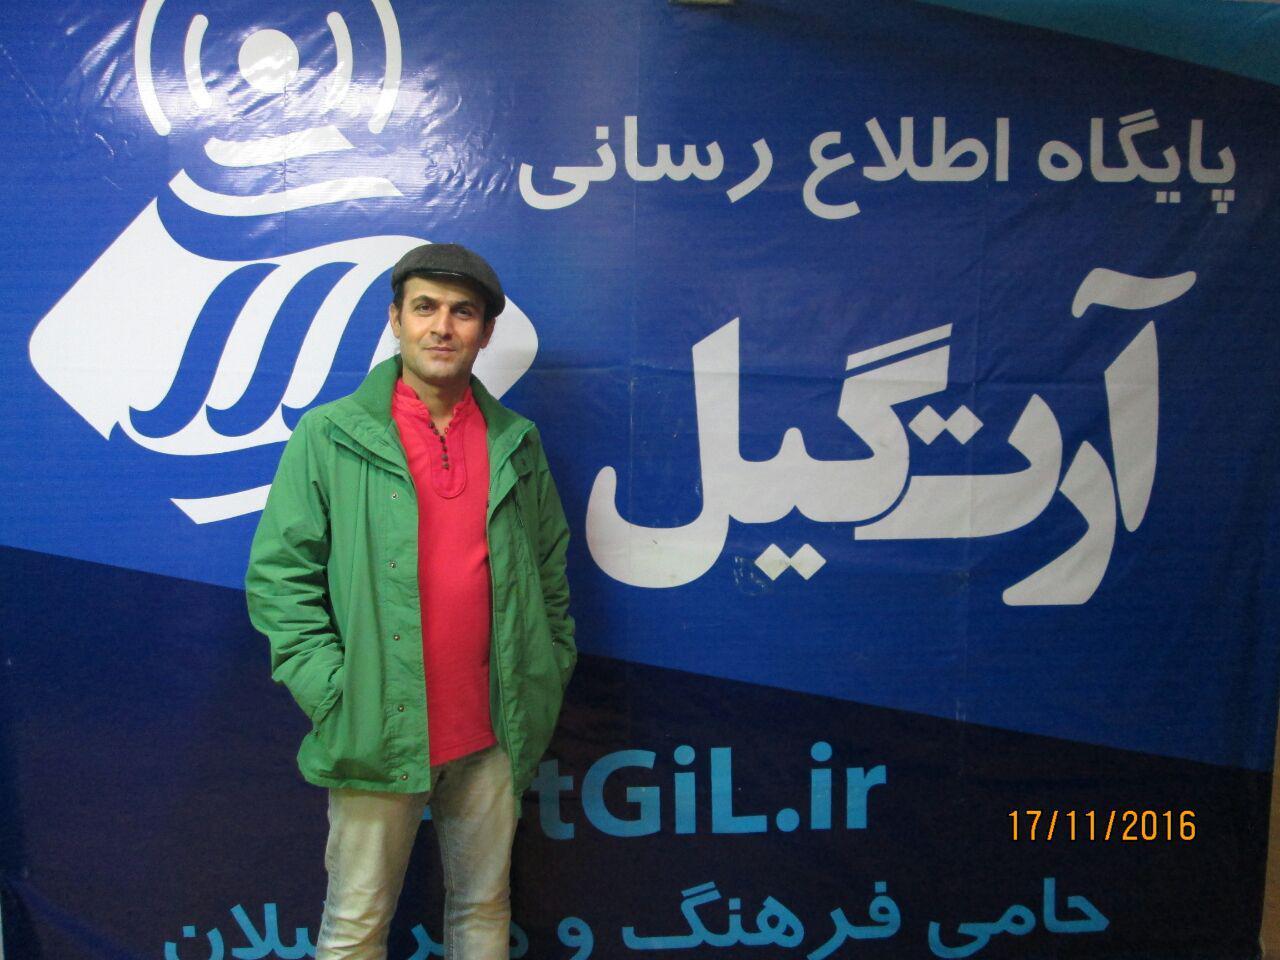 محمد رسائلی به آرت گیل : امیدوارم درتماشاگر این نیاز ایجاد شود که بخشی از تفریحاتش، دیدن تئاتر باشد.